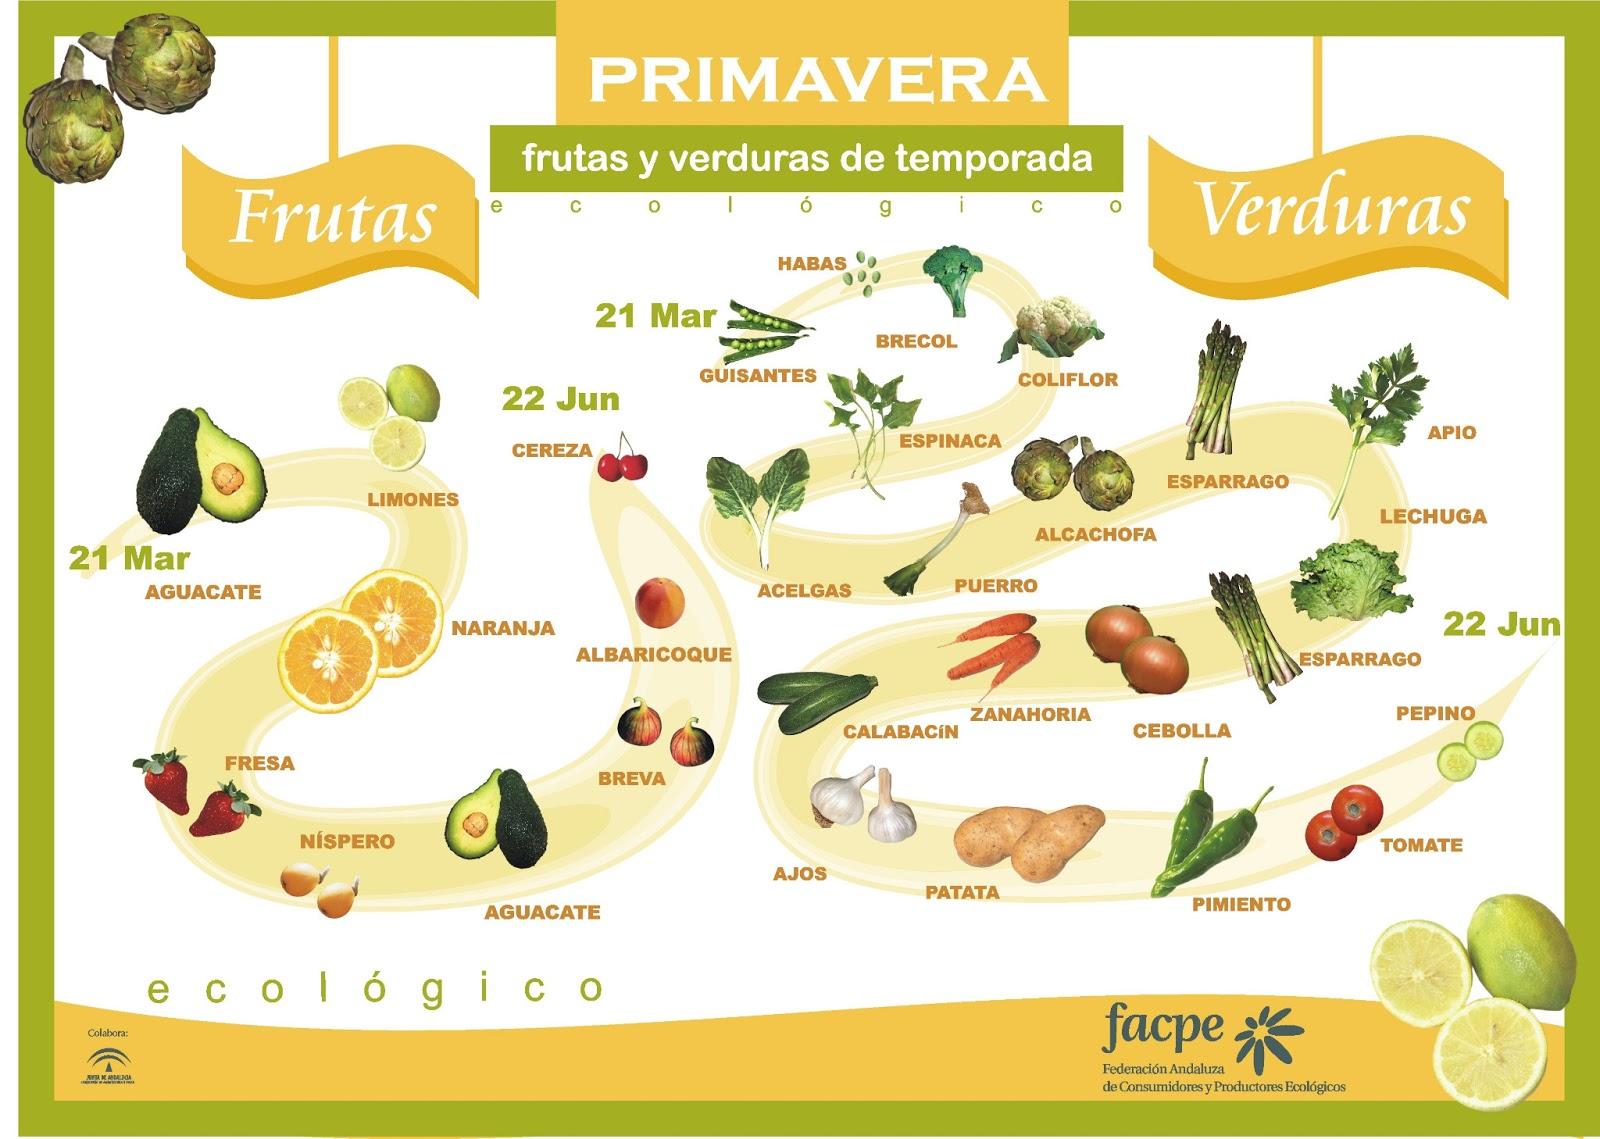 Frutas y Verduras - Primavera